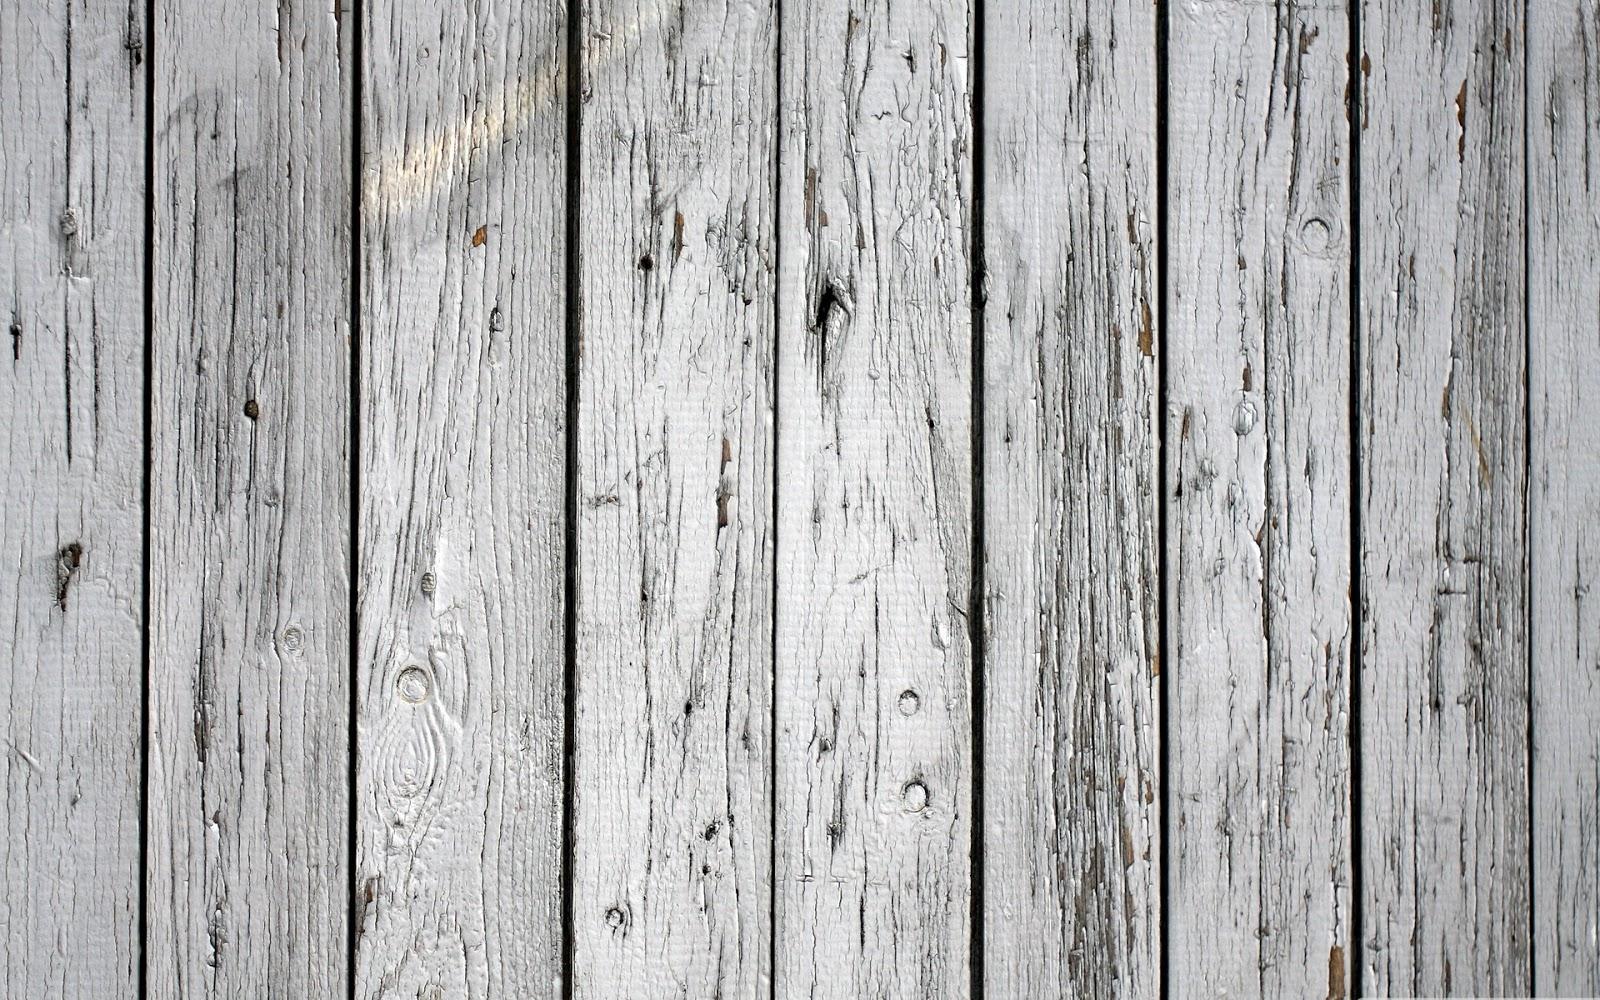 Creative mindly fondos de madera para tus dise os o lo for Boden desktop